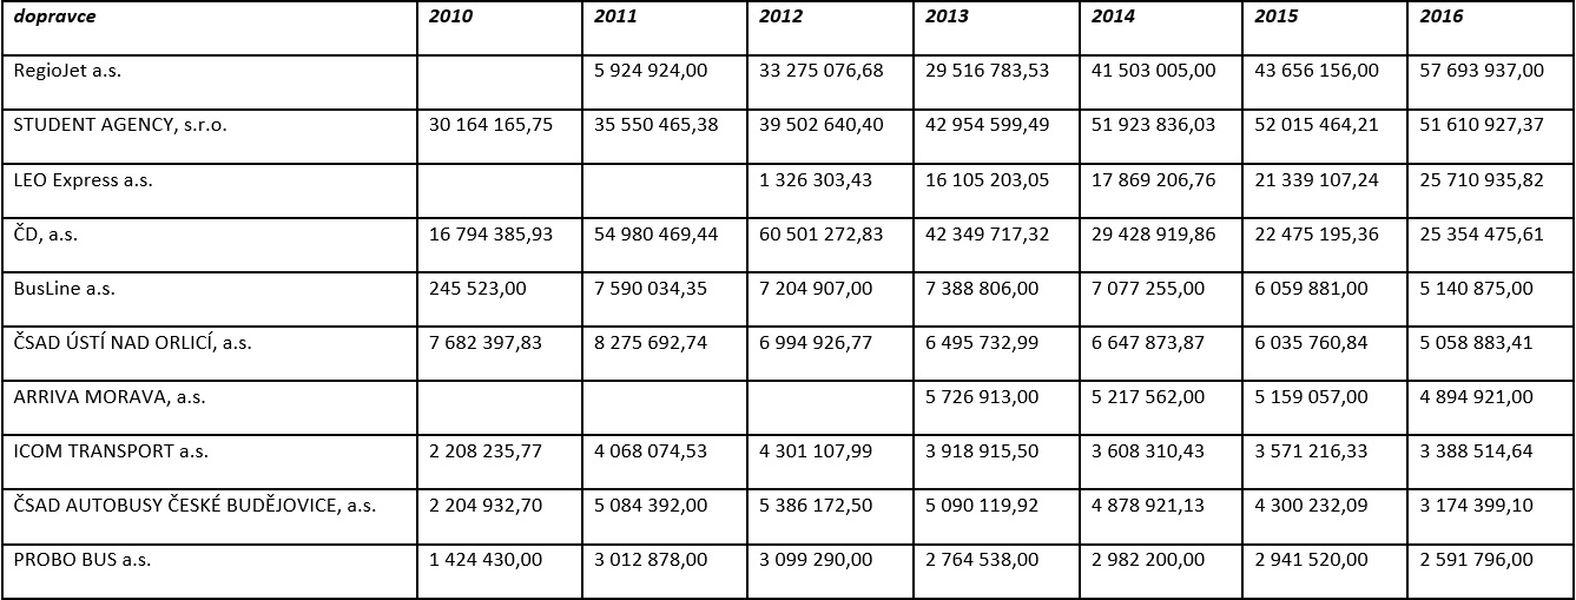 přehled deseti dopravců snejvyšší vyplacenou kompenzací zdroj: MD